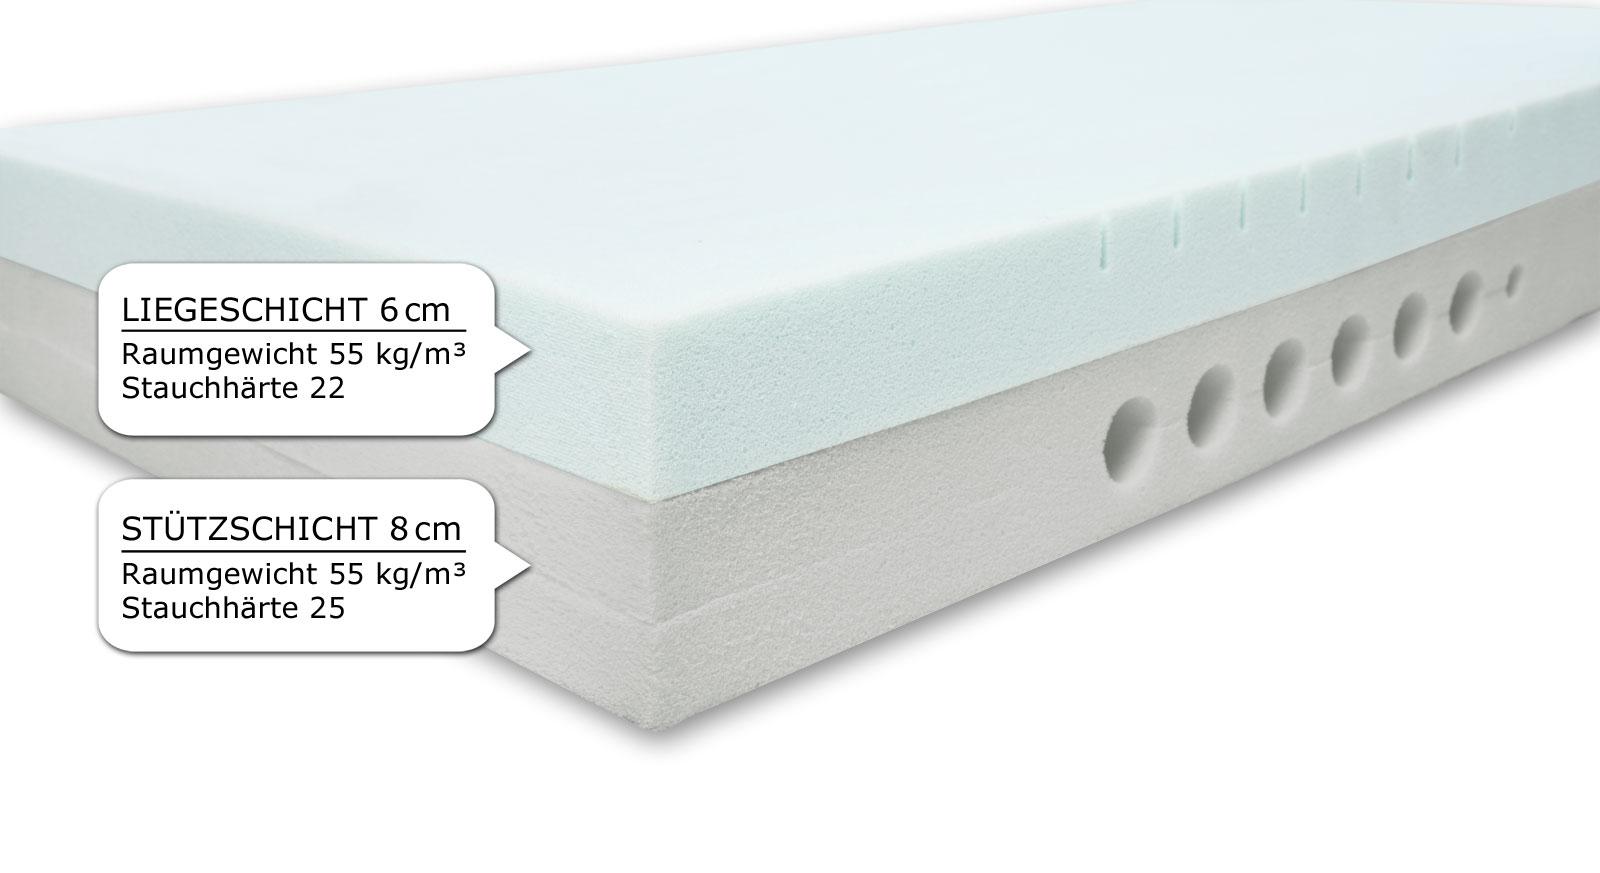 Kaltschaummatratze YouSleep 100 mit ergonomischem Mehrschichtaufbau